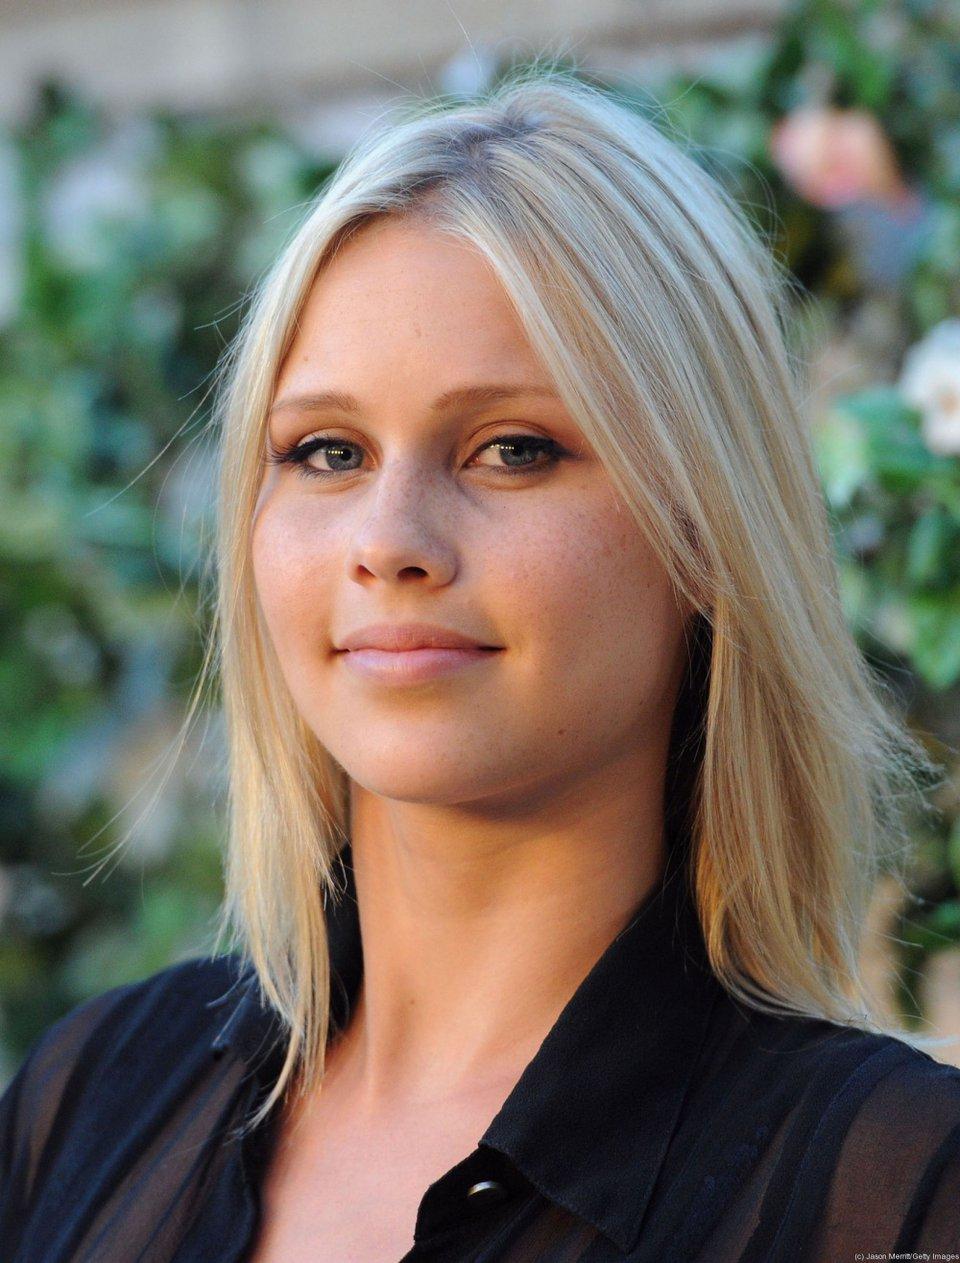 Порно актриса новая жена для графа дракулы порно онлайн супругам